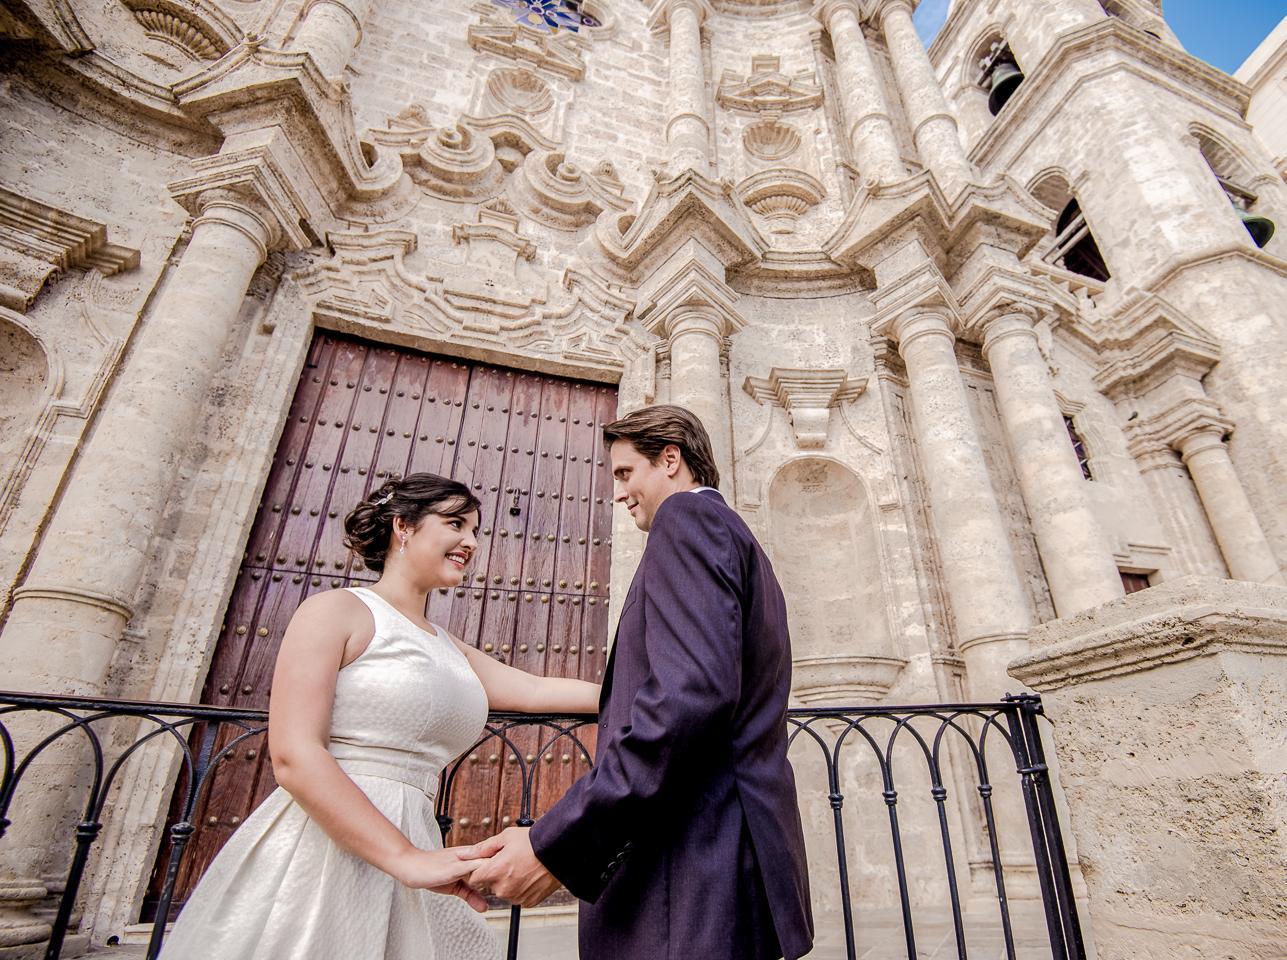 bodas-estilo-libre-sin-tema-cuba-13252.jpg